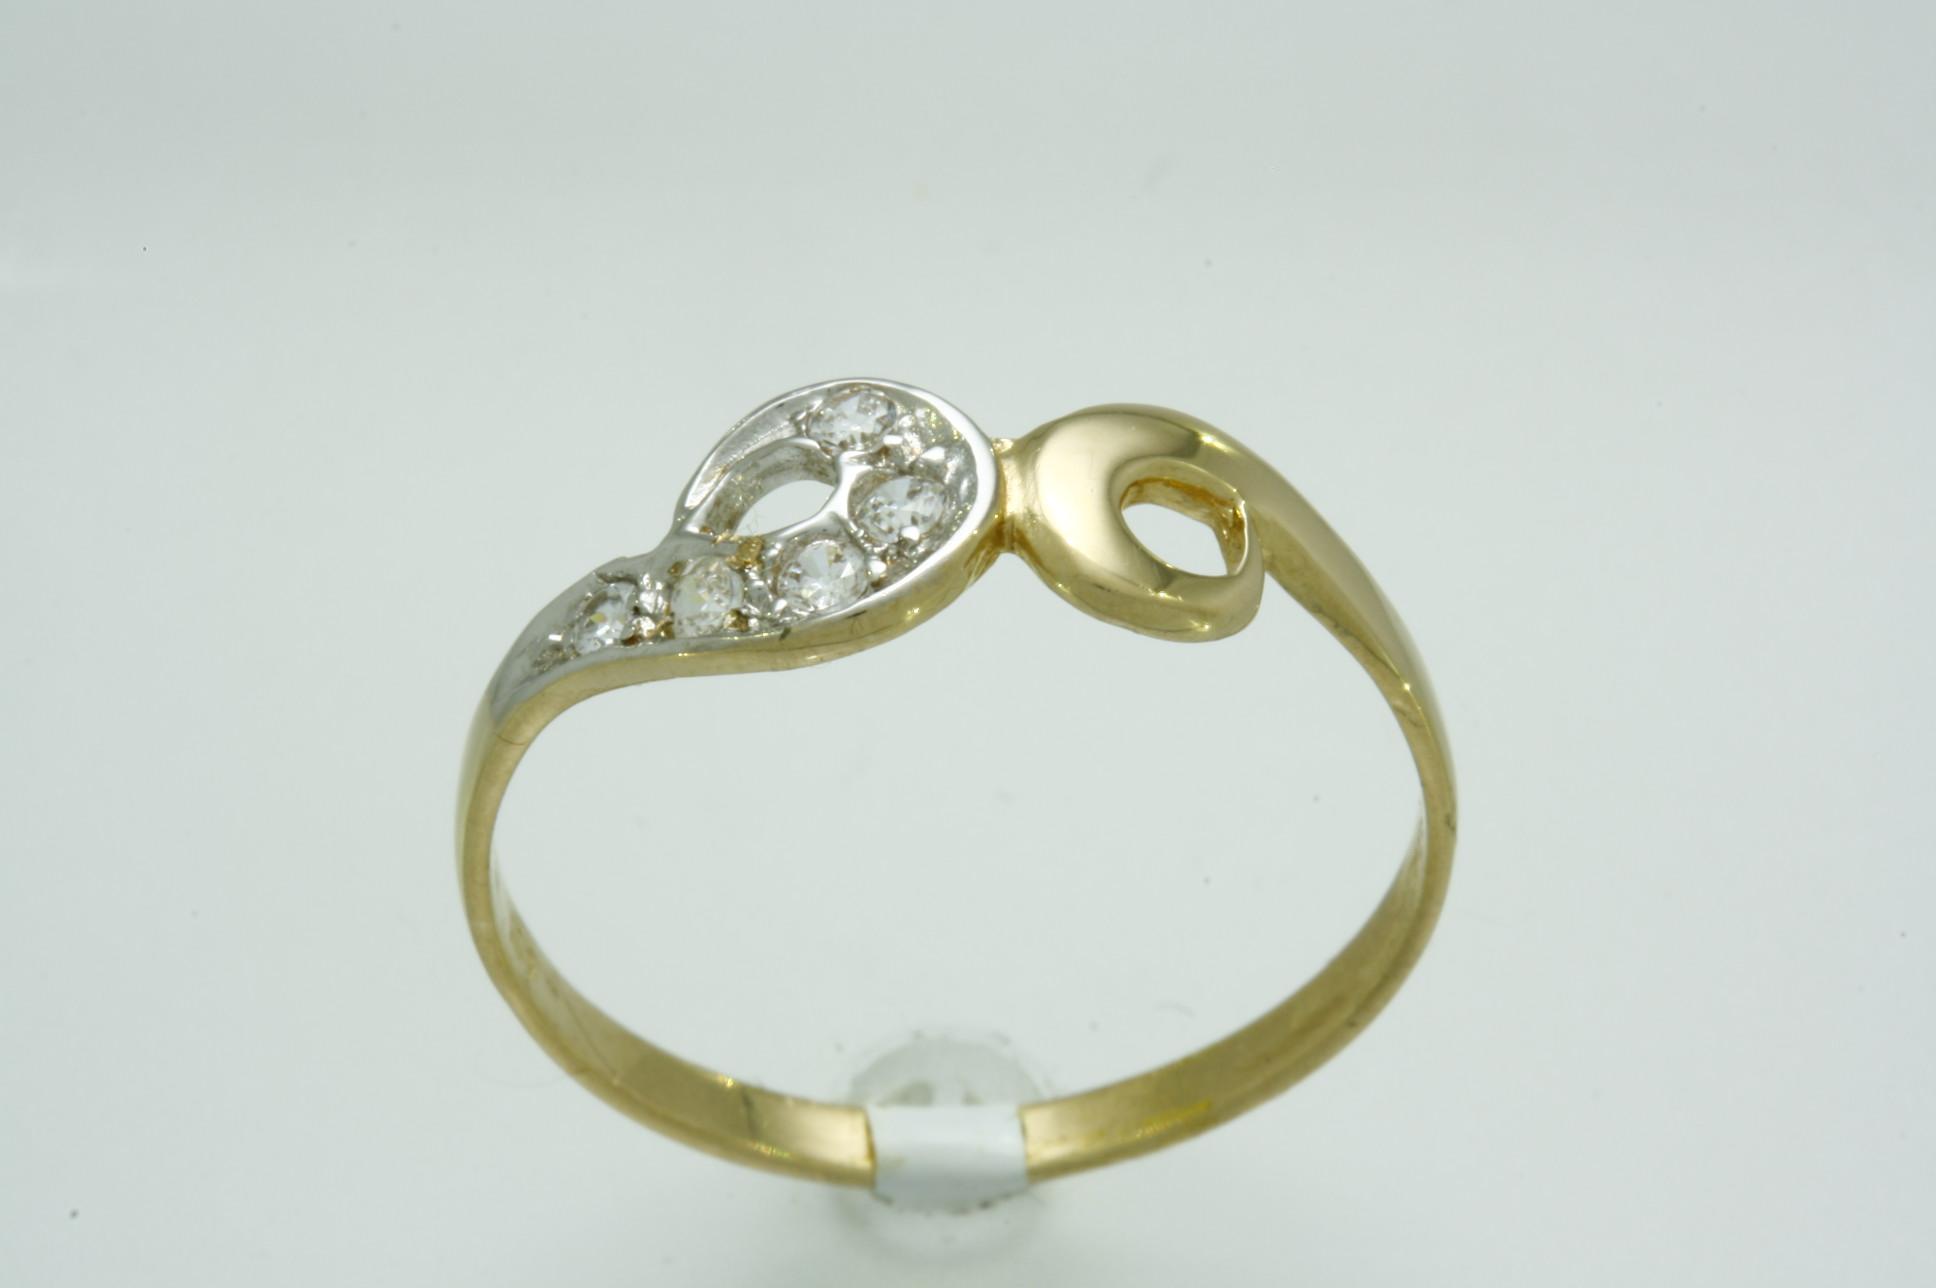 arany gyűrűk